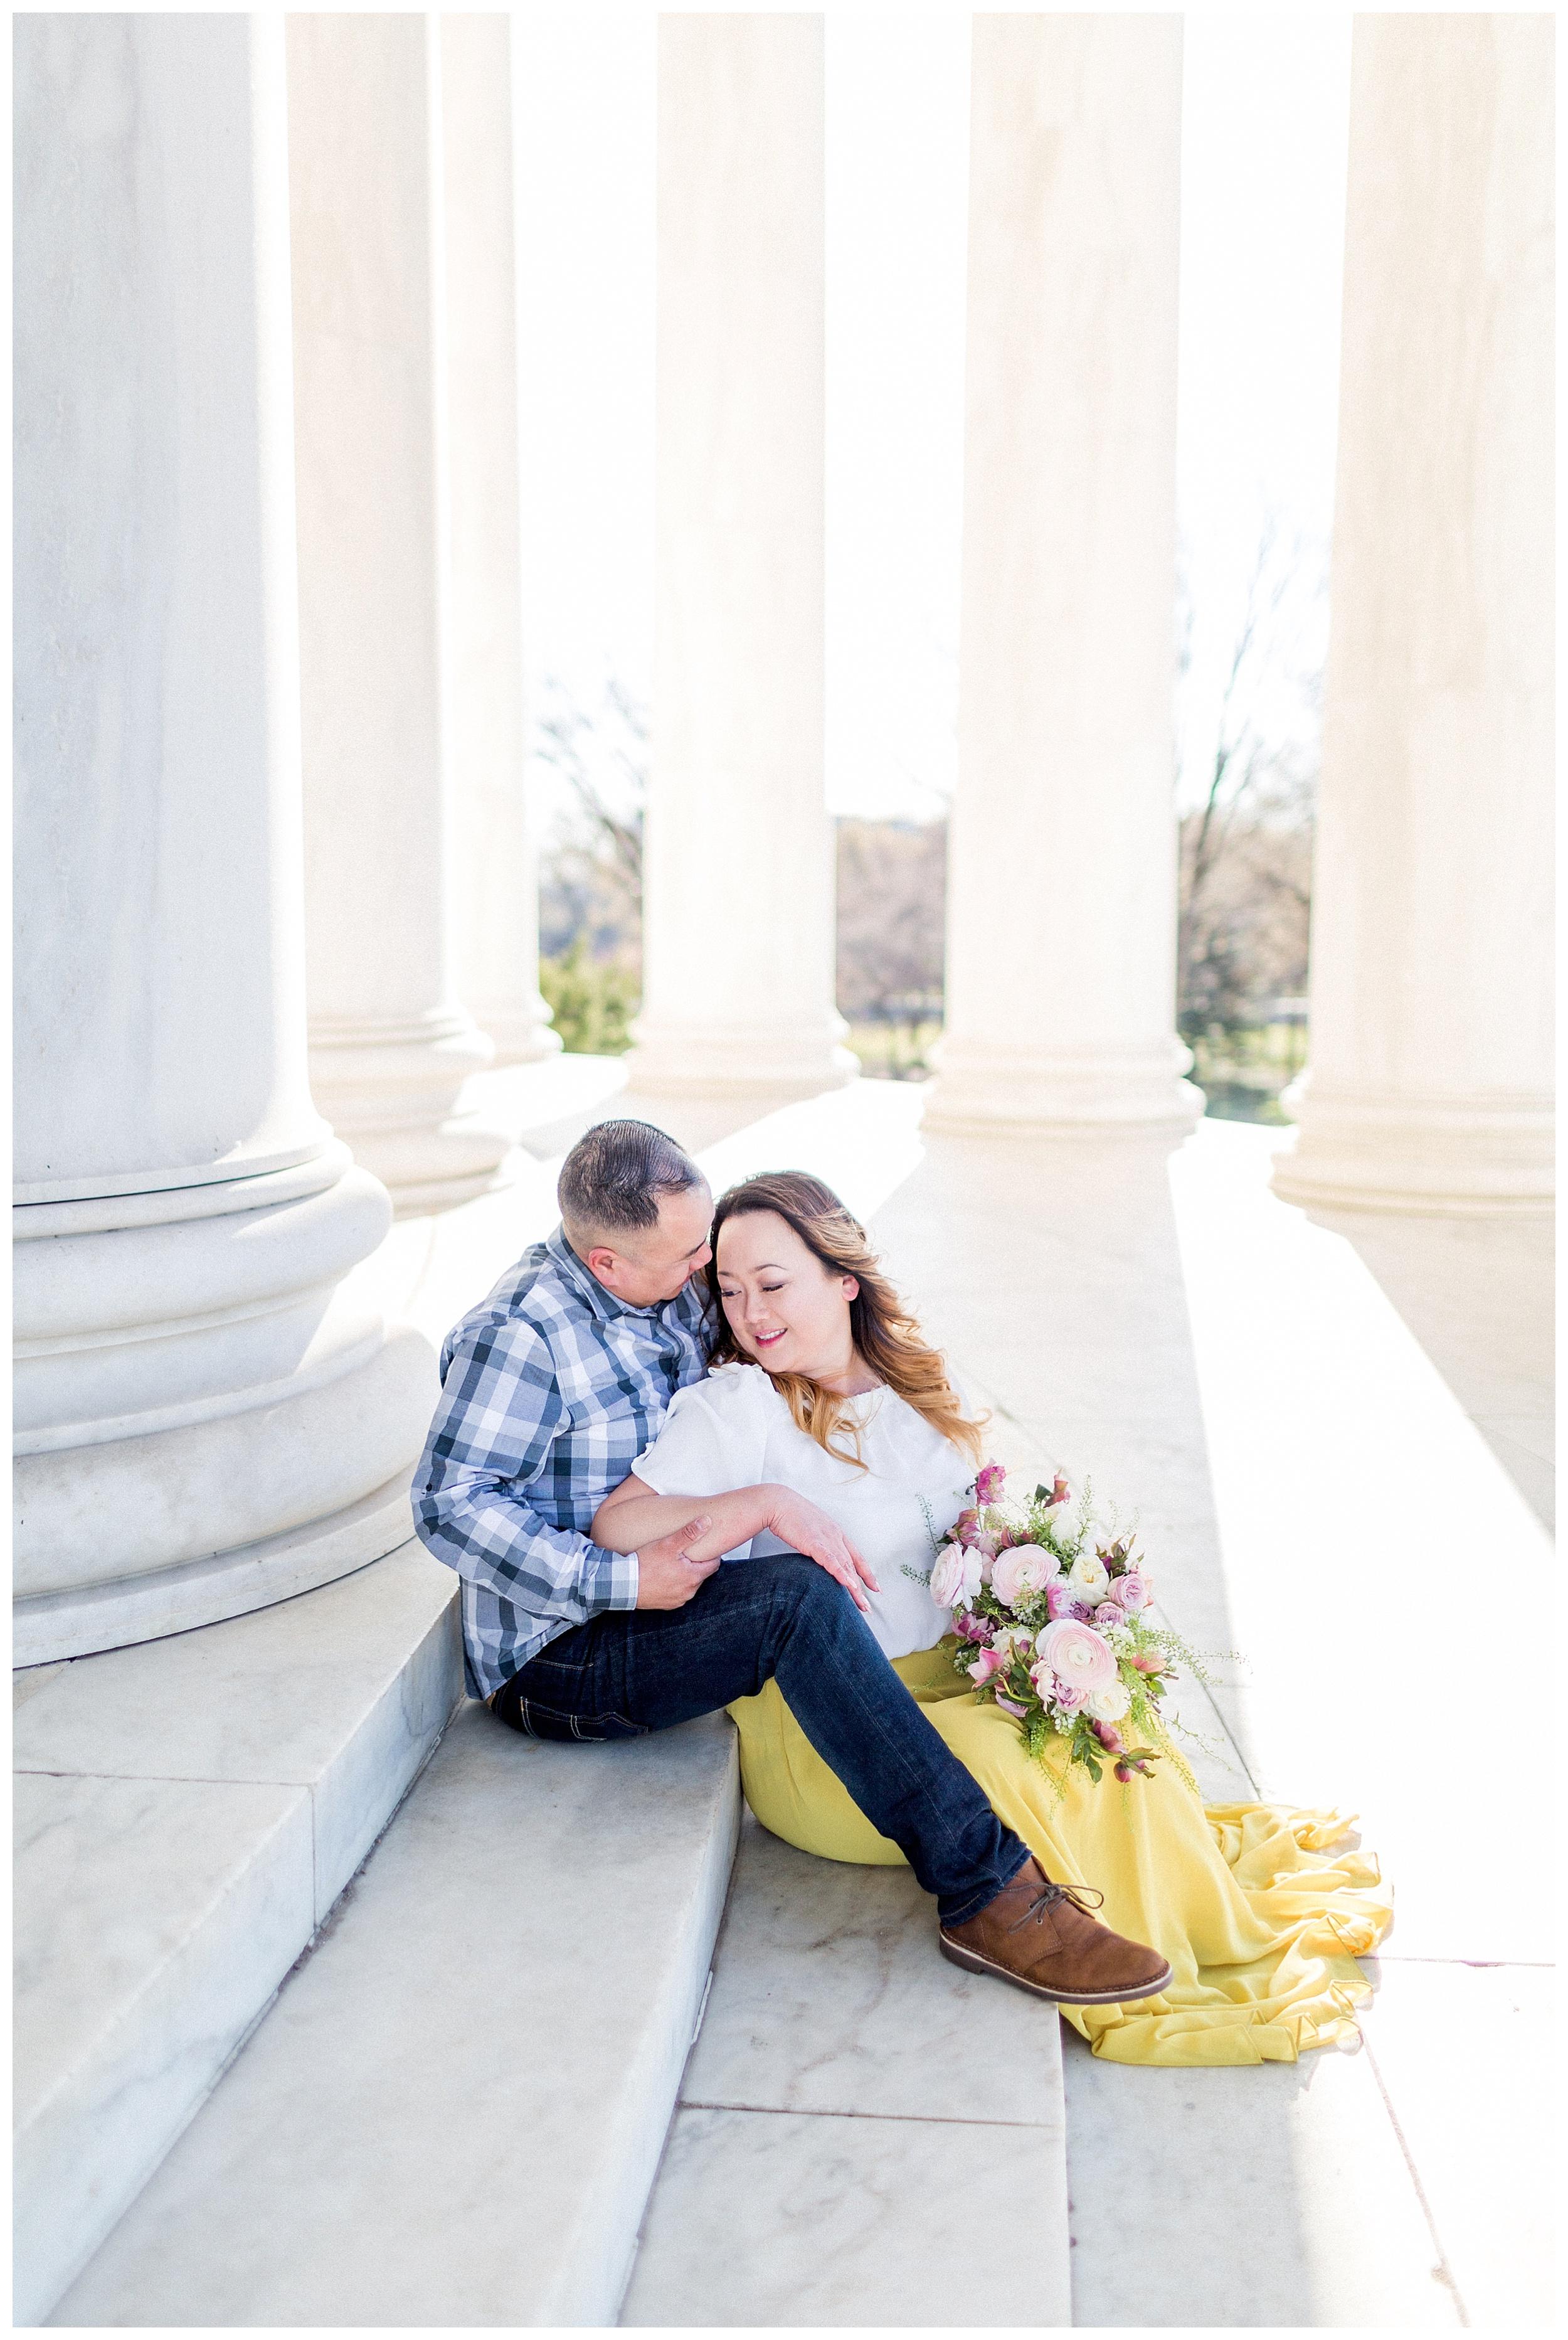 Washington DC Engagement Photos | Thomas Jefferson Engagement Session_0021.jpg